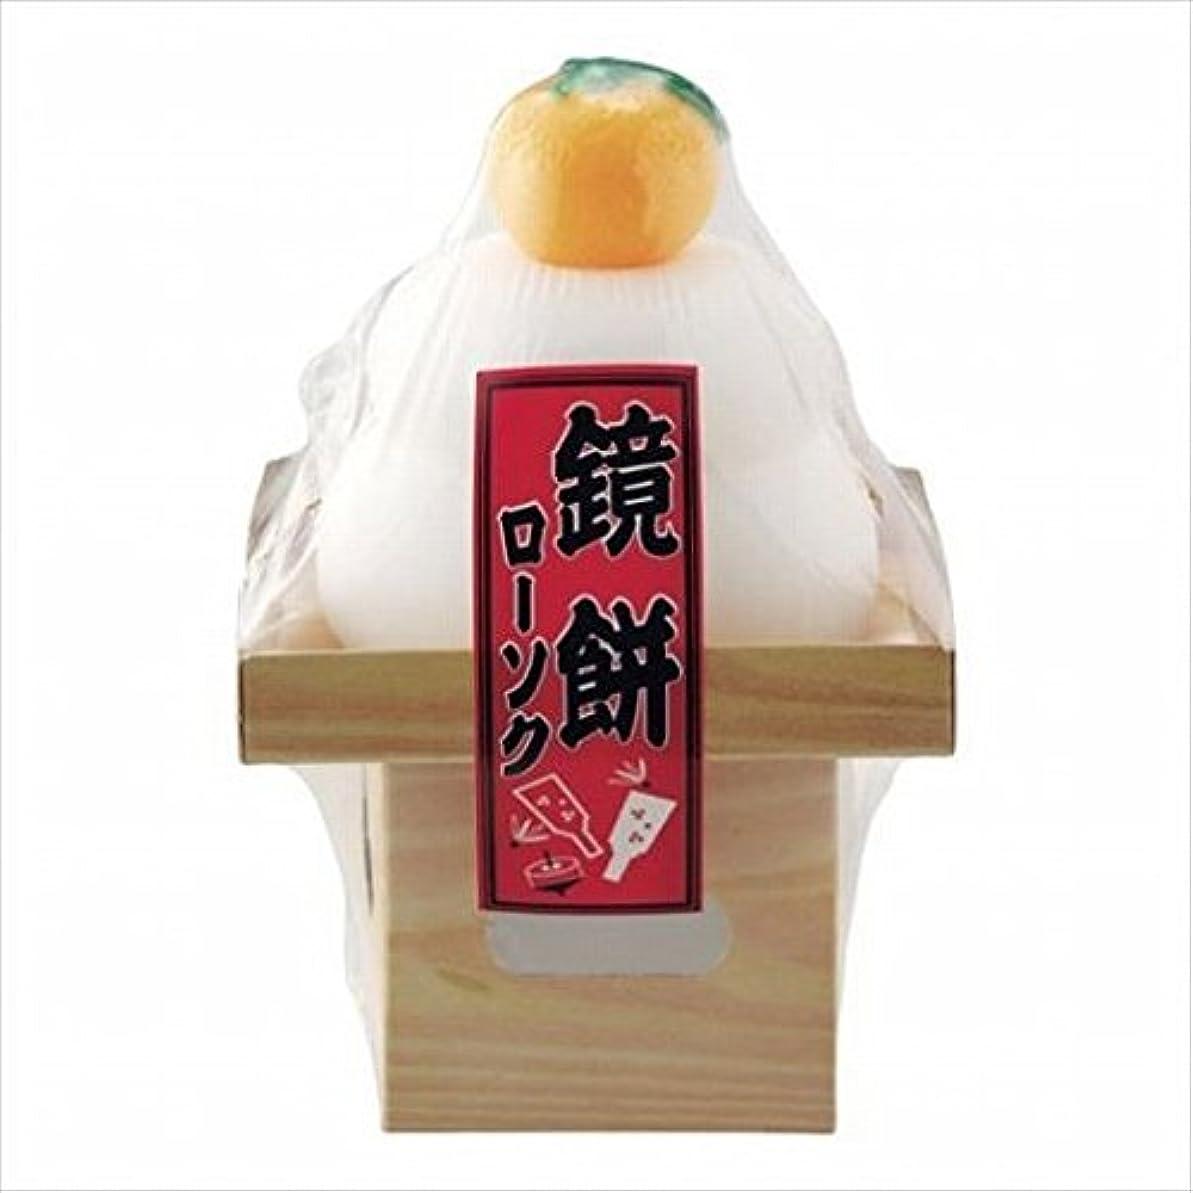 トレーニング無視するインチkameyama candle(カメヤマキャンドル) 鏡餅ローソク キャンドル(21500000)